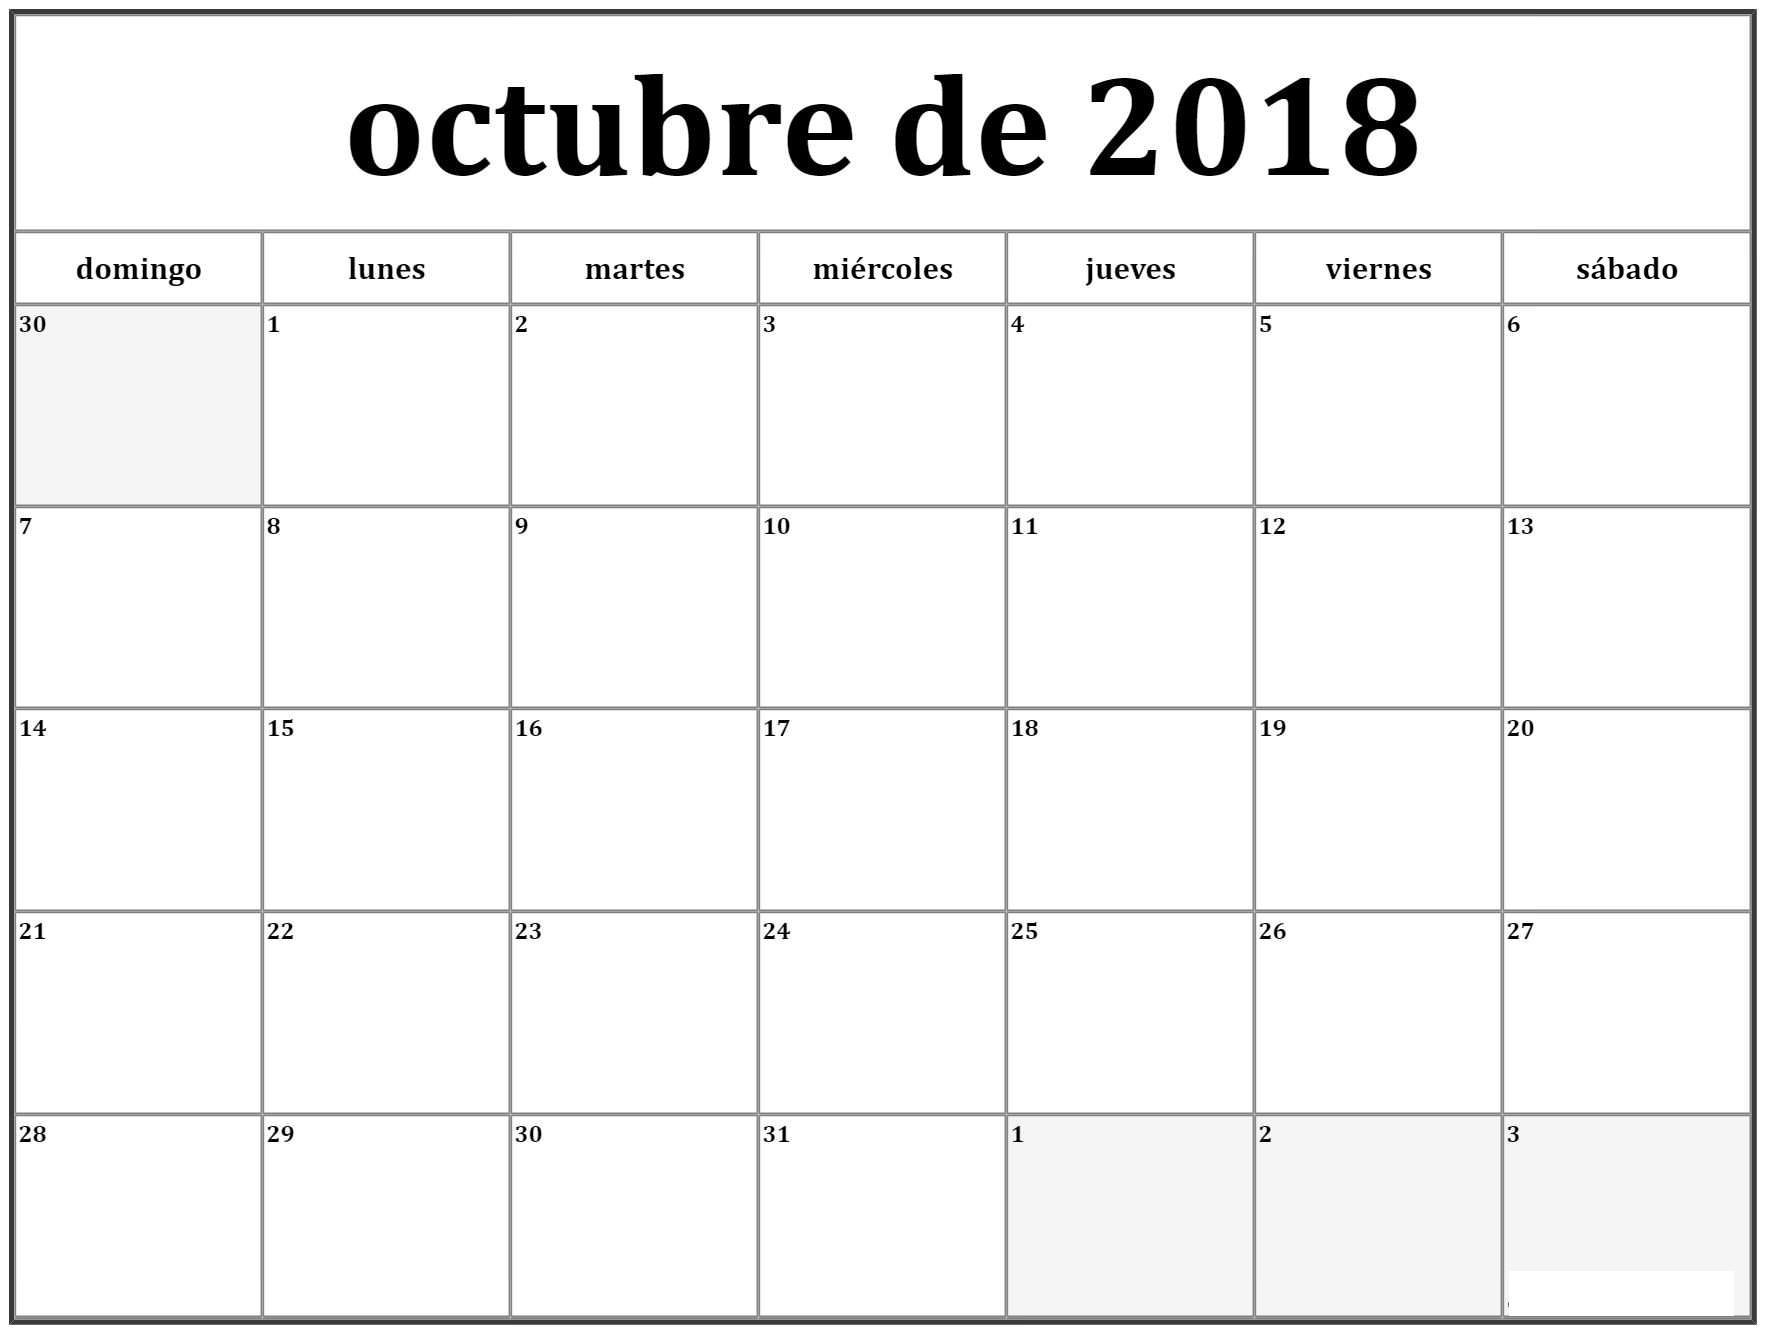 Calendario Agosto 2019 Argentina Más Recientemente Liberado Best Calendario Mes De Octubre Y Noviembre 2018 Image Collection